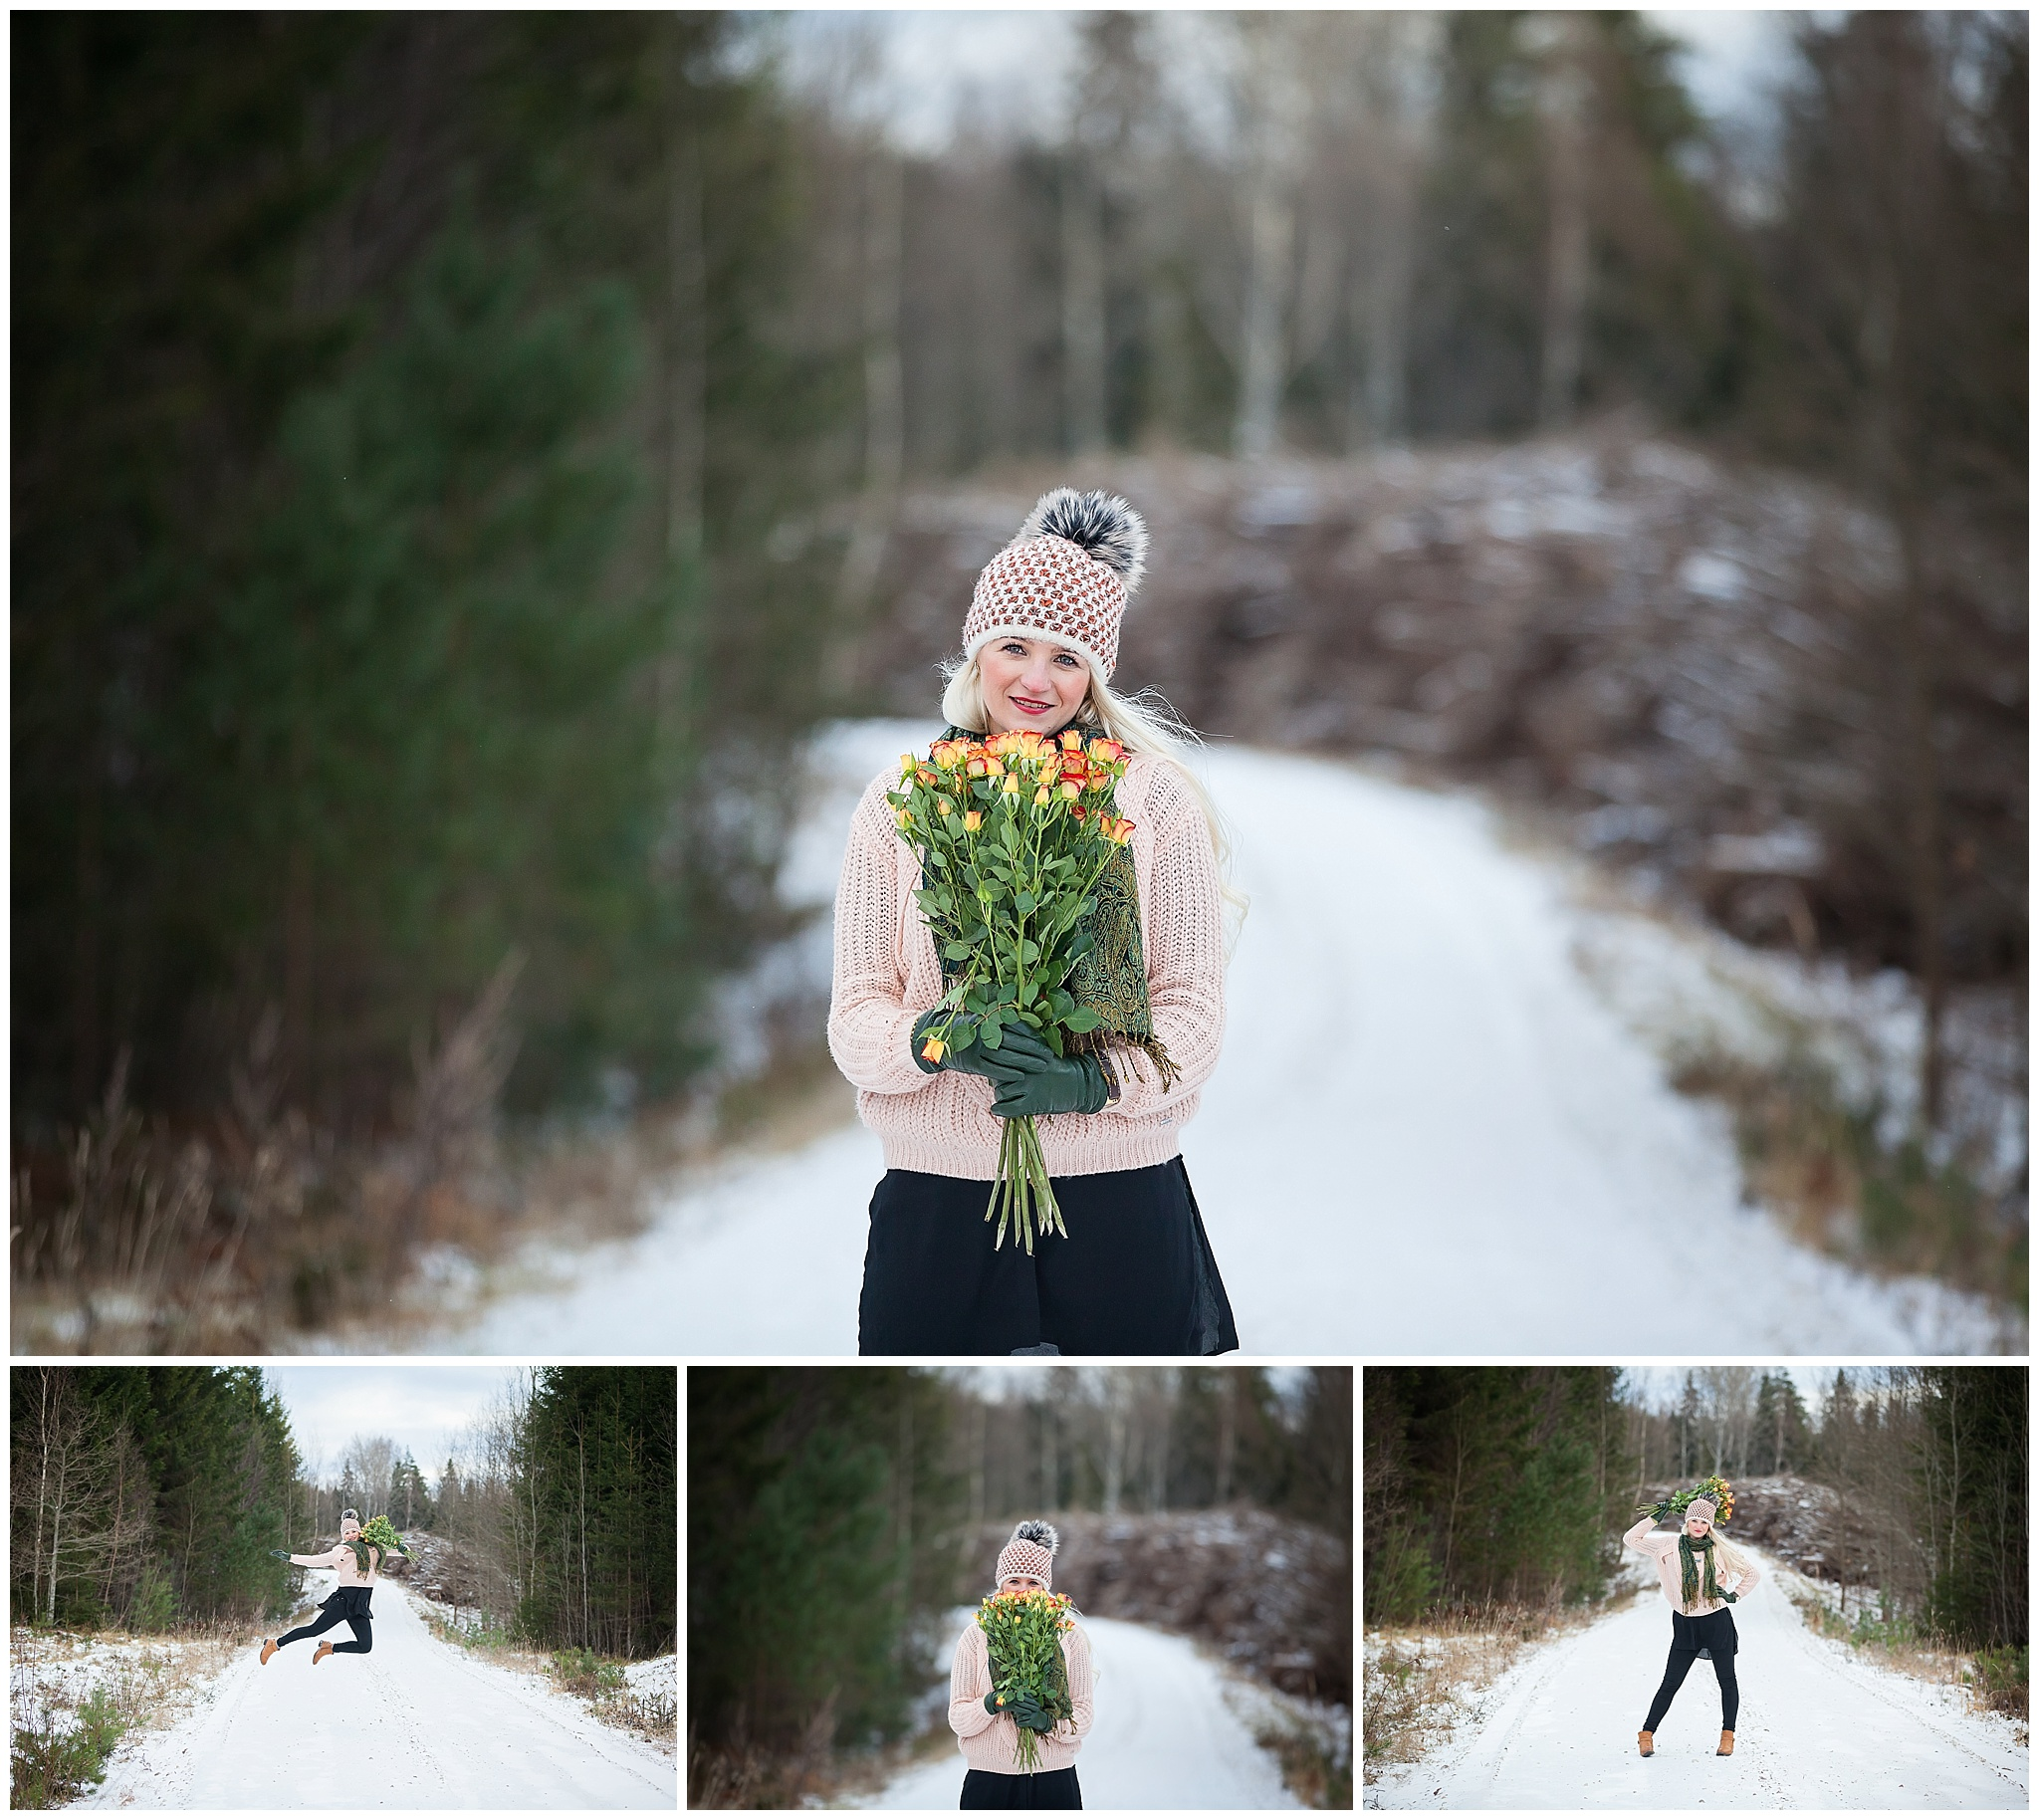 kahekesi paaripildistamine koos kihlussessioon together pulmafotograaf